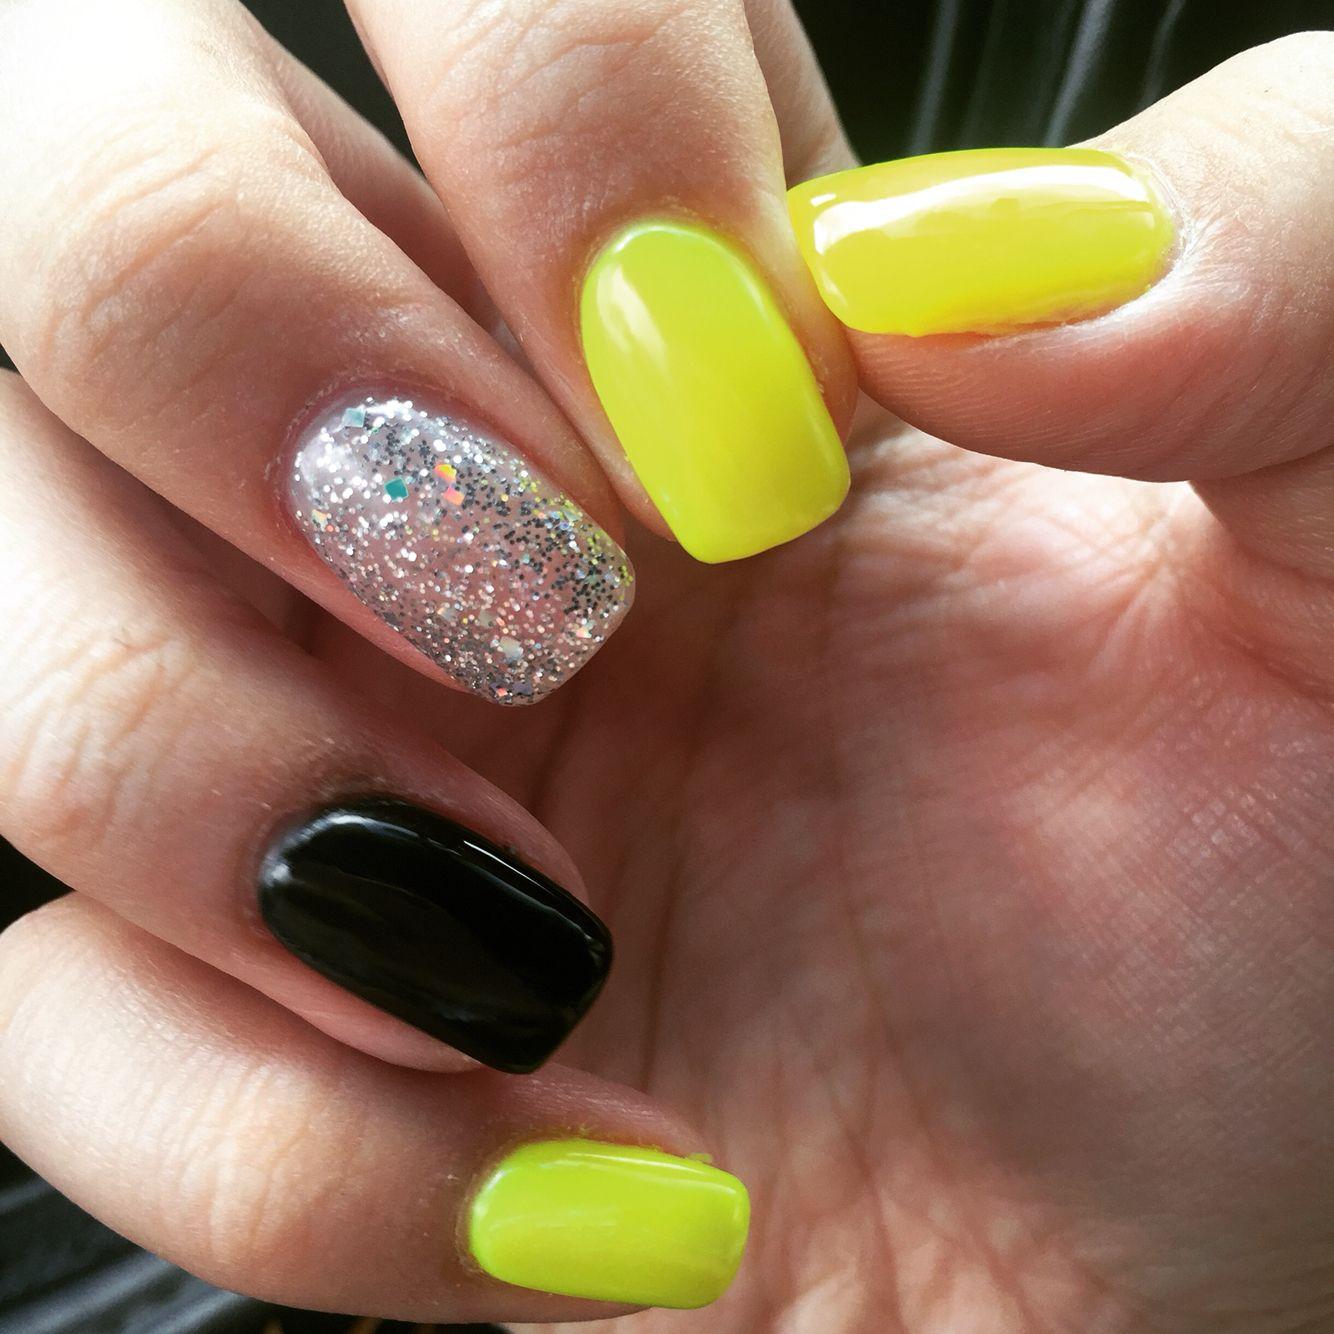 Summer Nails Black And Yellow Neon Nails Glitter Nail Gel Nails Accent Nail Yellow Nails Neon Yellow Nails Yellow Nails Design